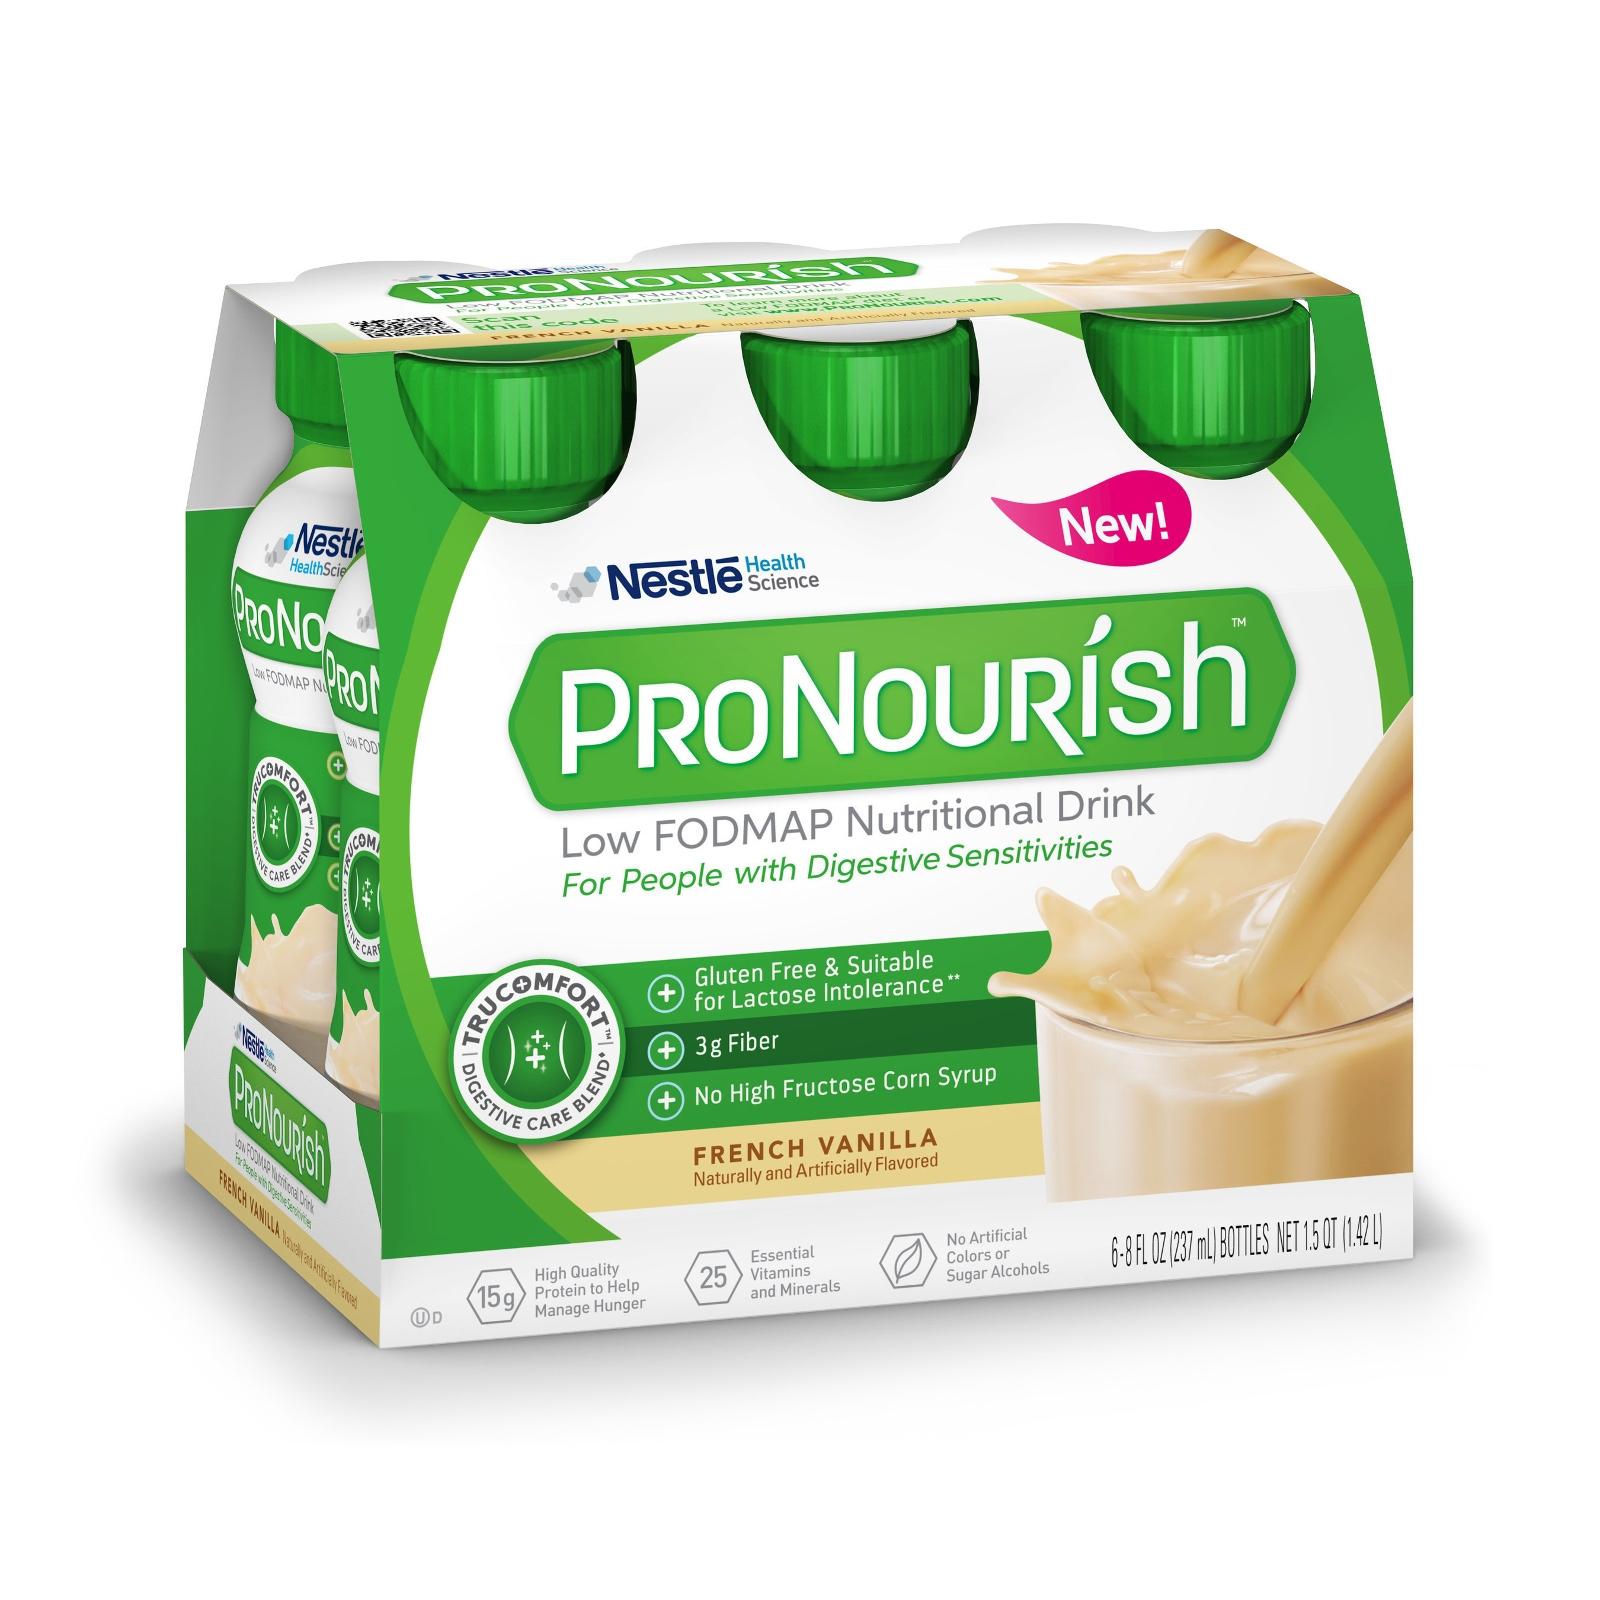 Nestlé Unveils ProNourish Low FODMAP Nutritional Drink